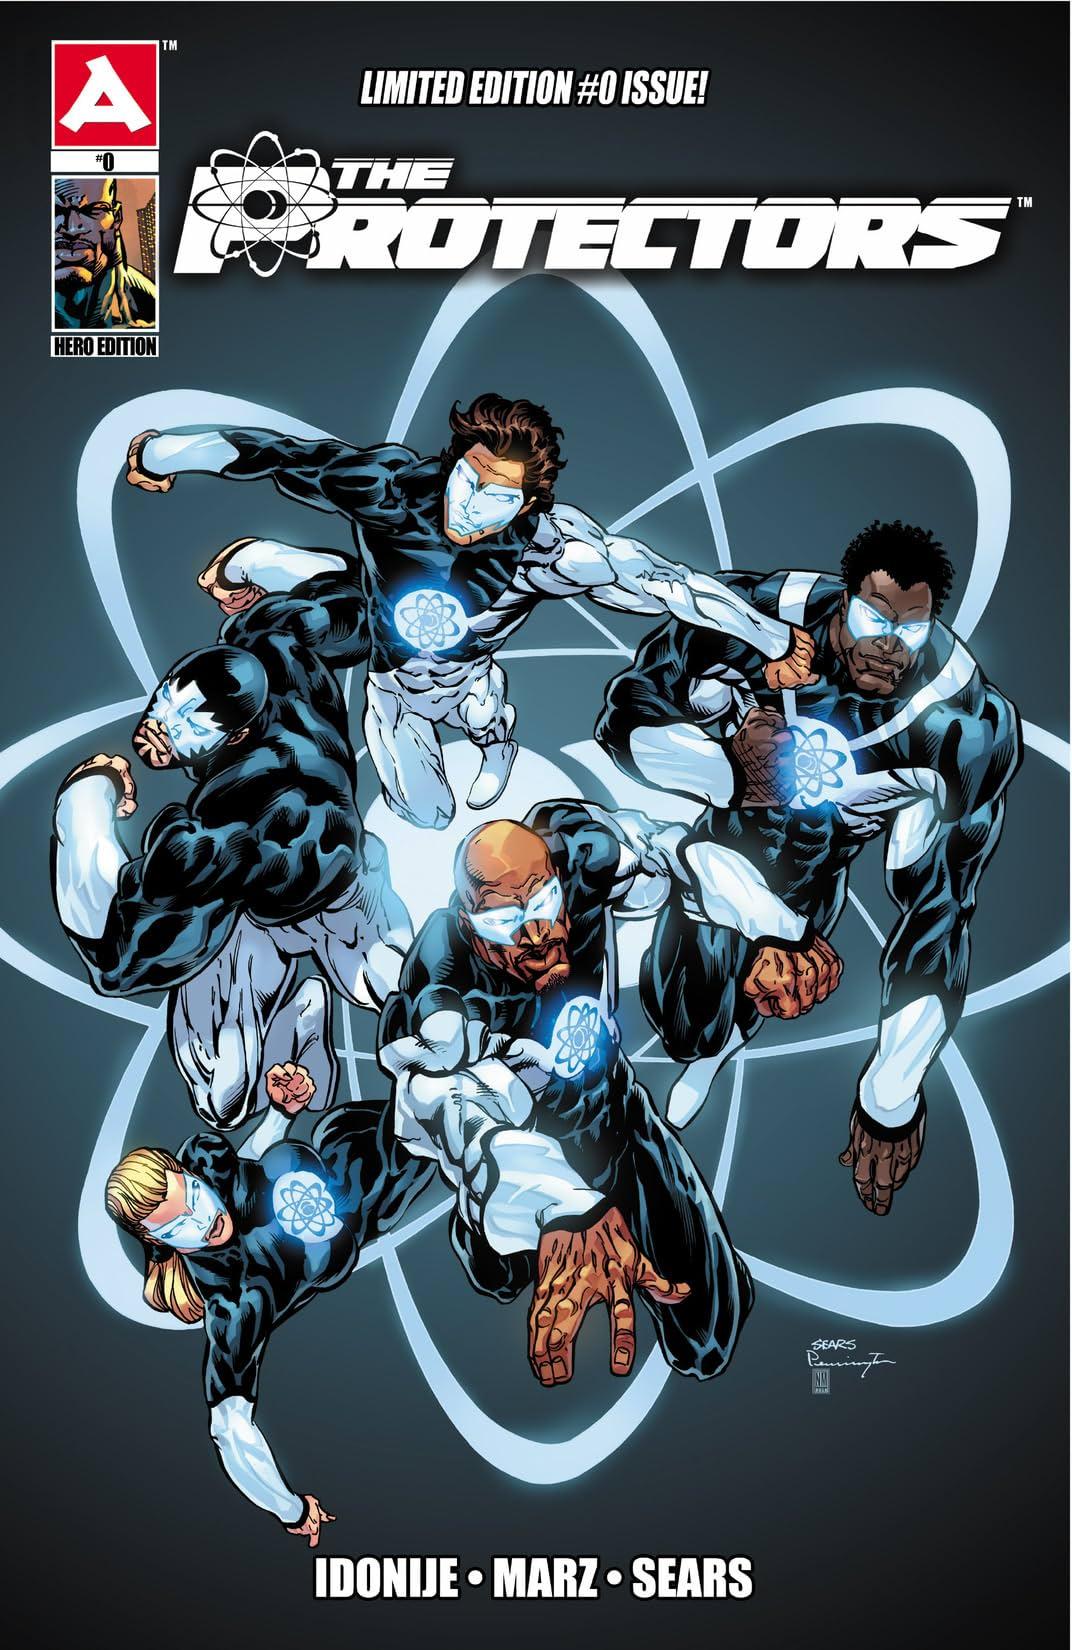 The Protectors #0